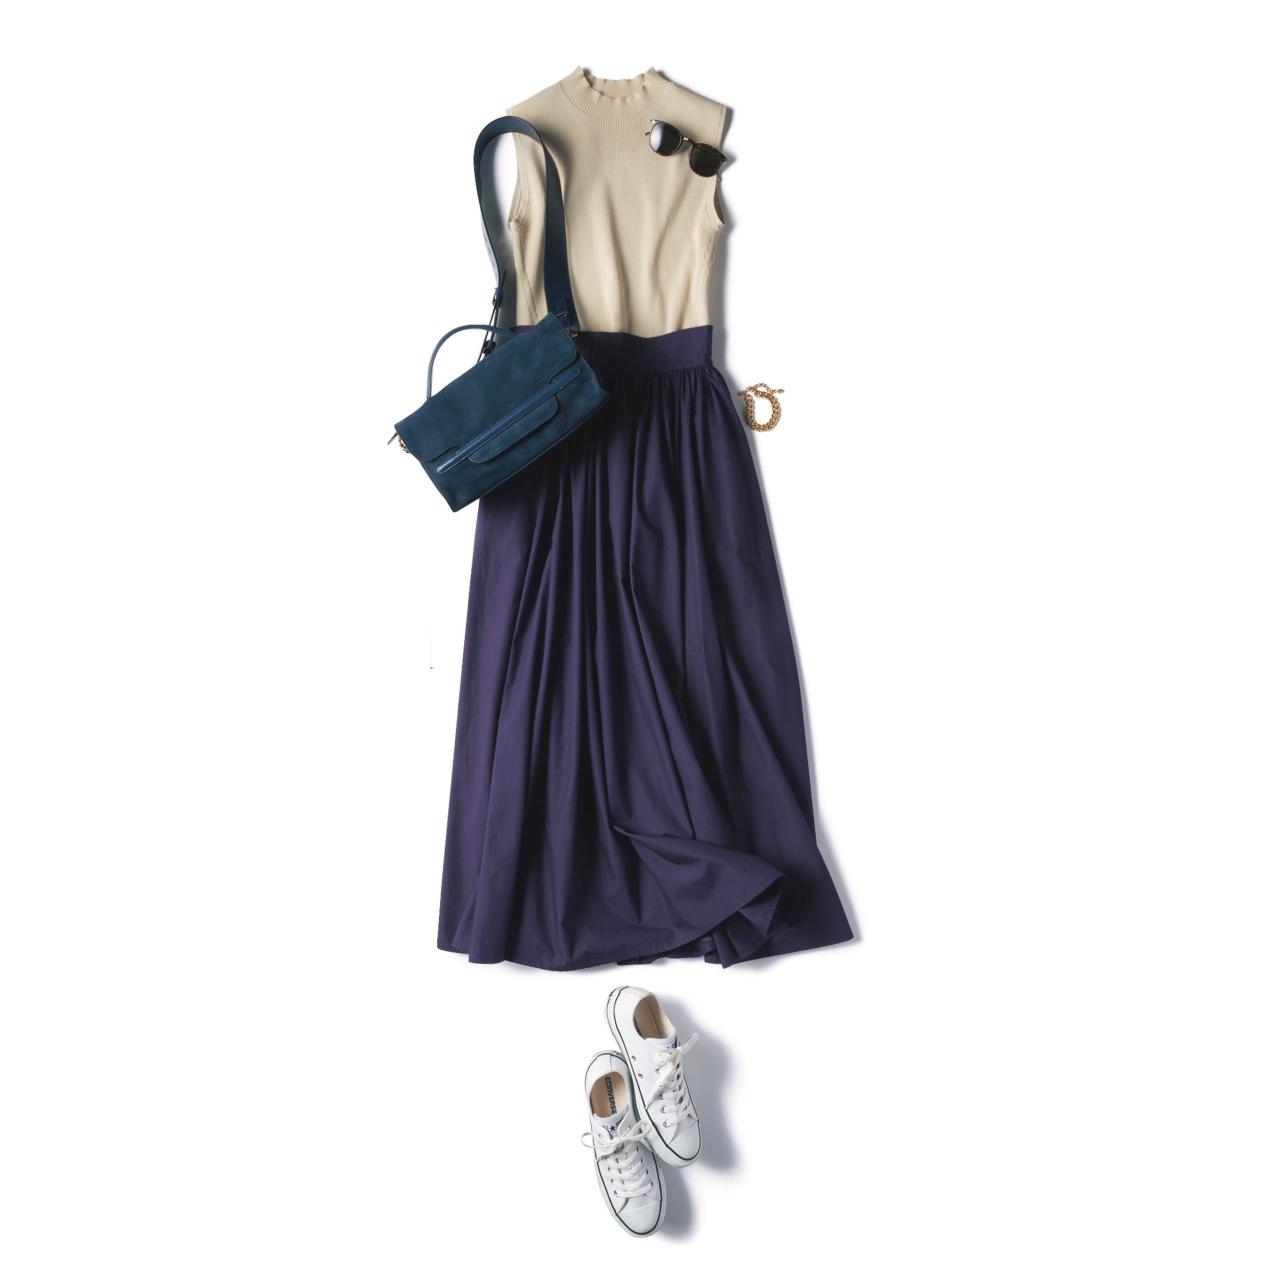 白コンバースのローカットスニーカー×パープルスカートのファッションコーデ